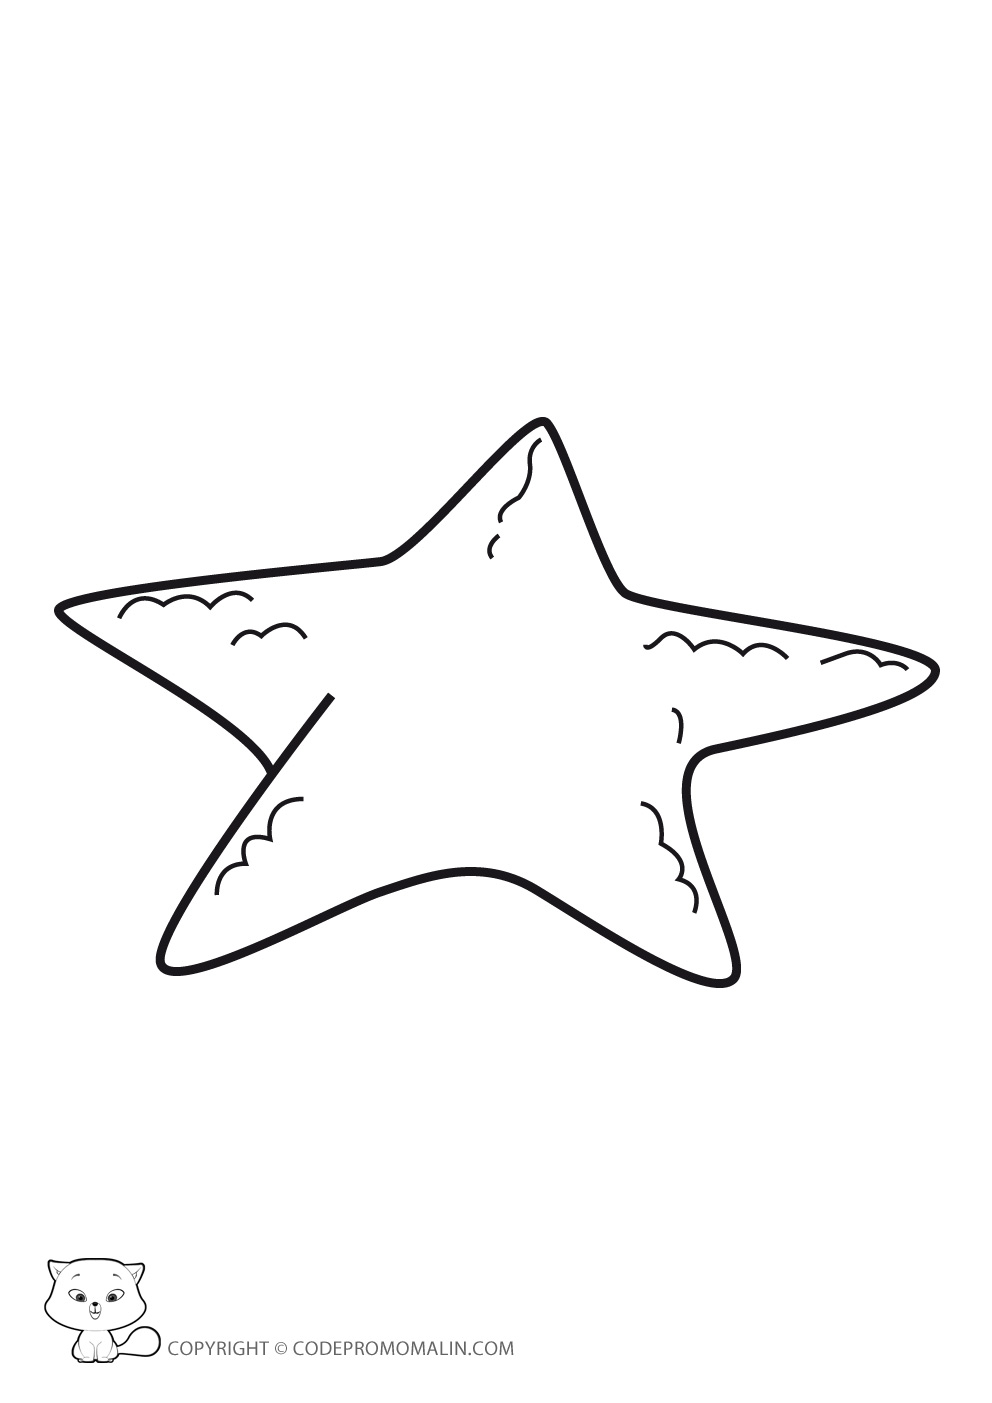 11 dessins de coloriage toile de mer imprimer - Etoile de mer coloriage ...